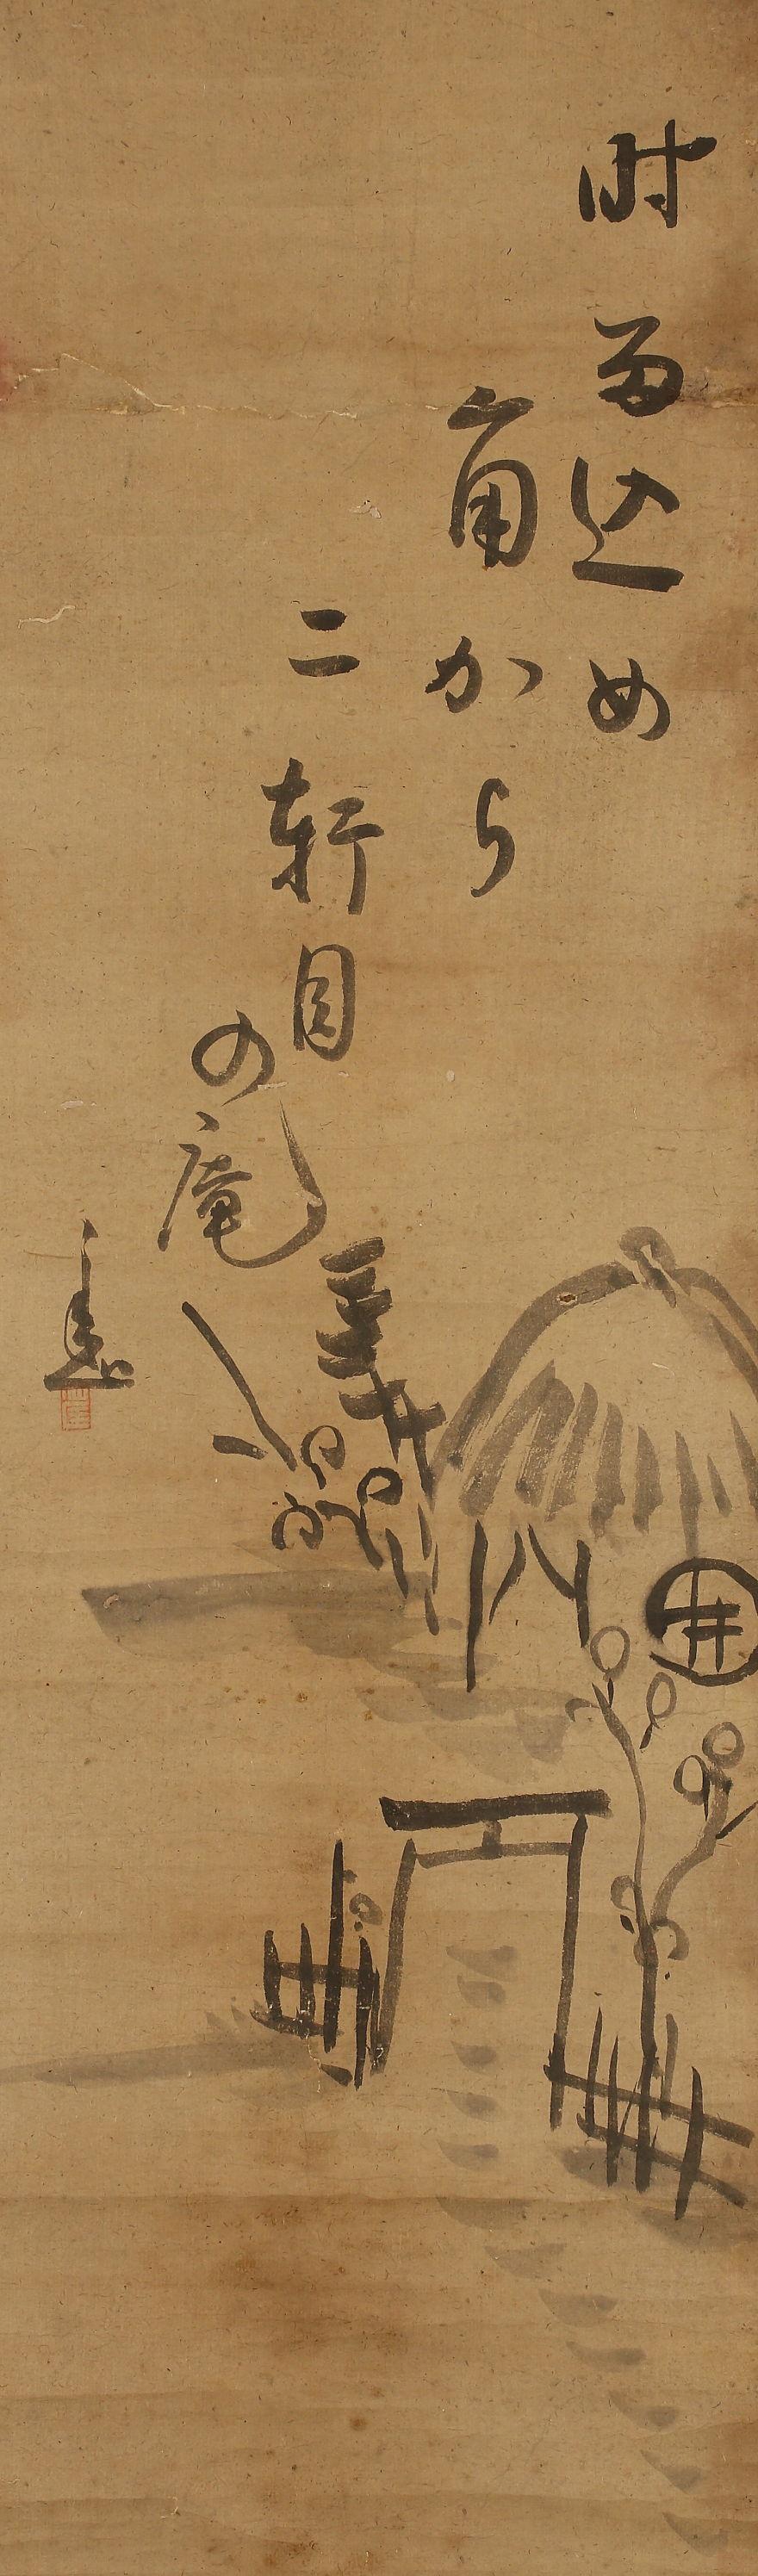 仙厓義梵の画像 p1_29